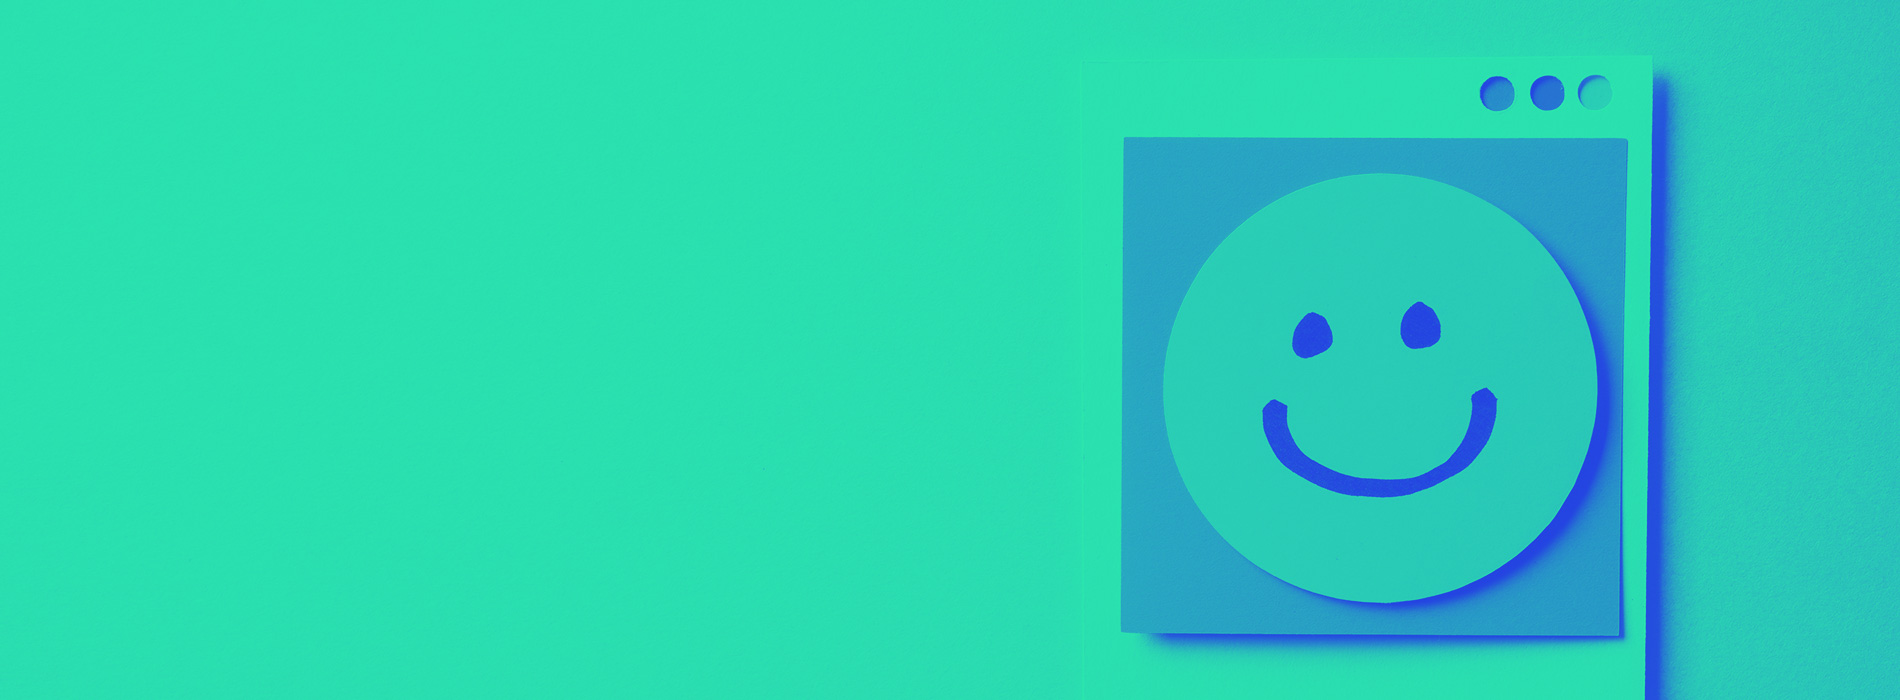 Anzeigenvarianten mit der dynamischen Anzeigengestaltung erstellen